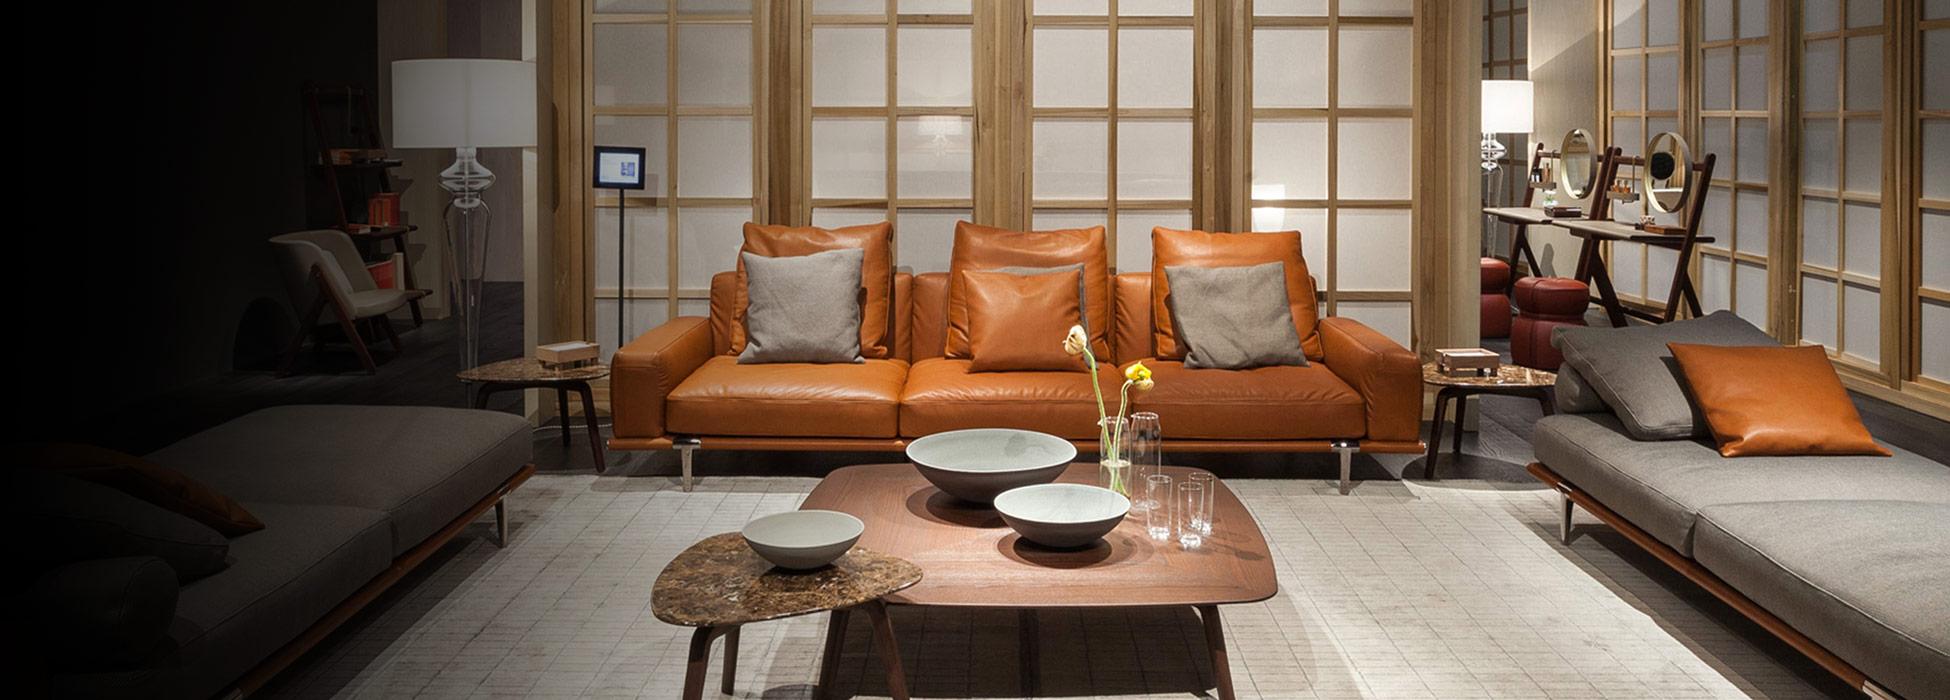 poltrona frau let it be sofa steidten+ berlin_01